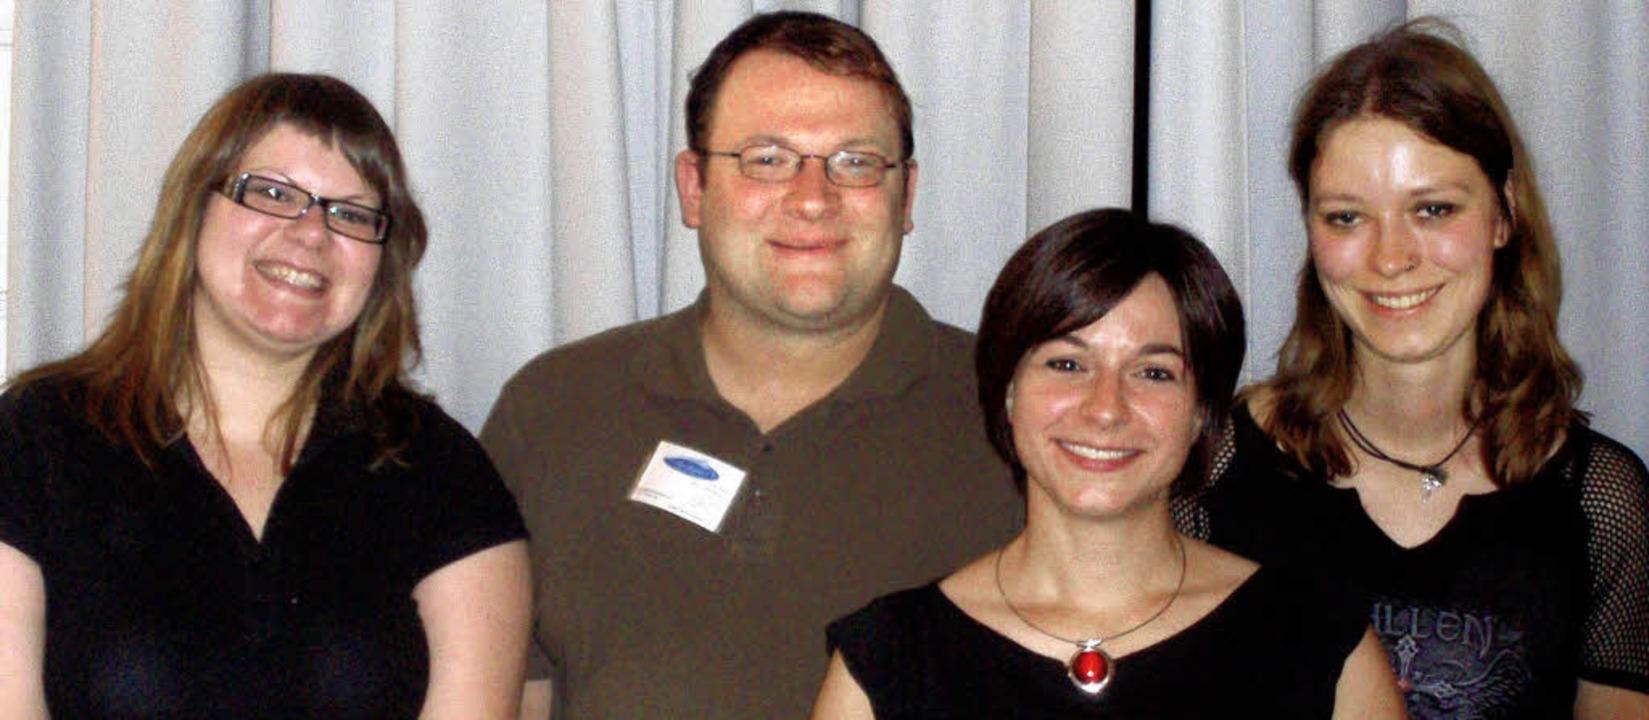 Jana Zirra (vorne) mit dem Vorstand der Rainbowstars.     Foto: BZ